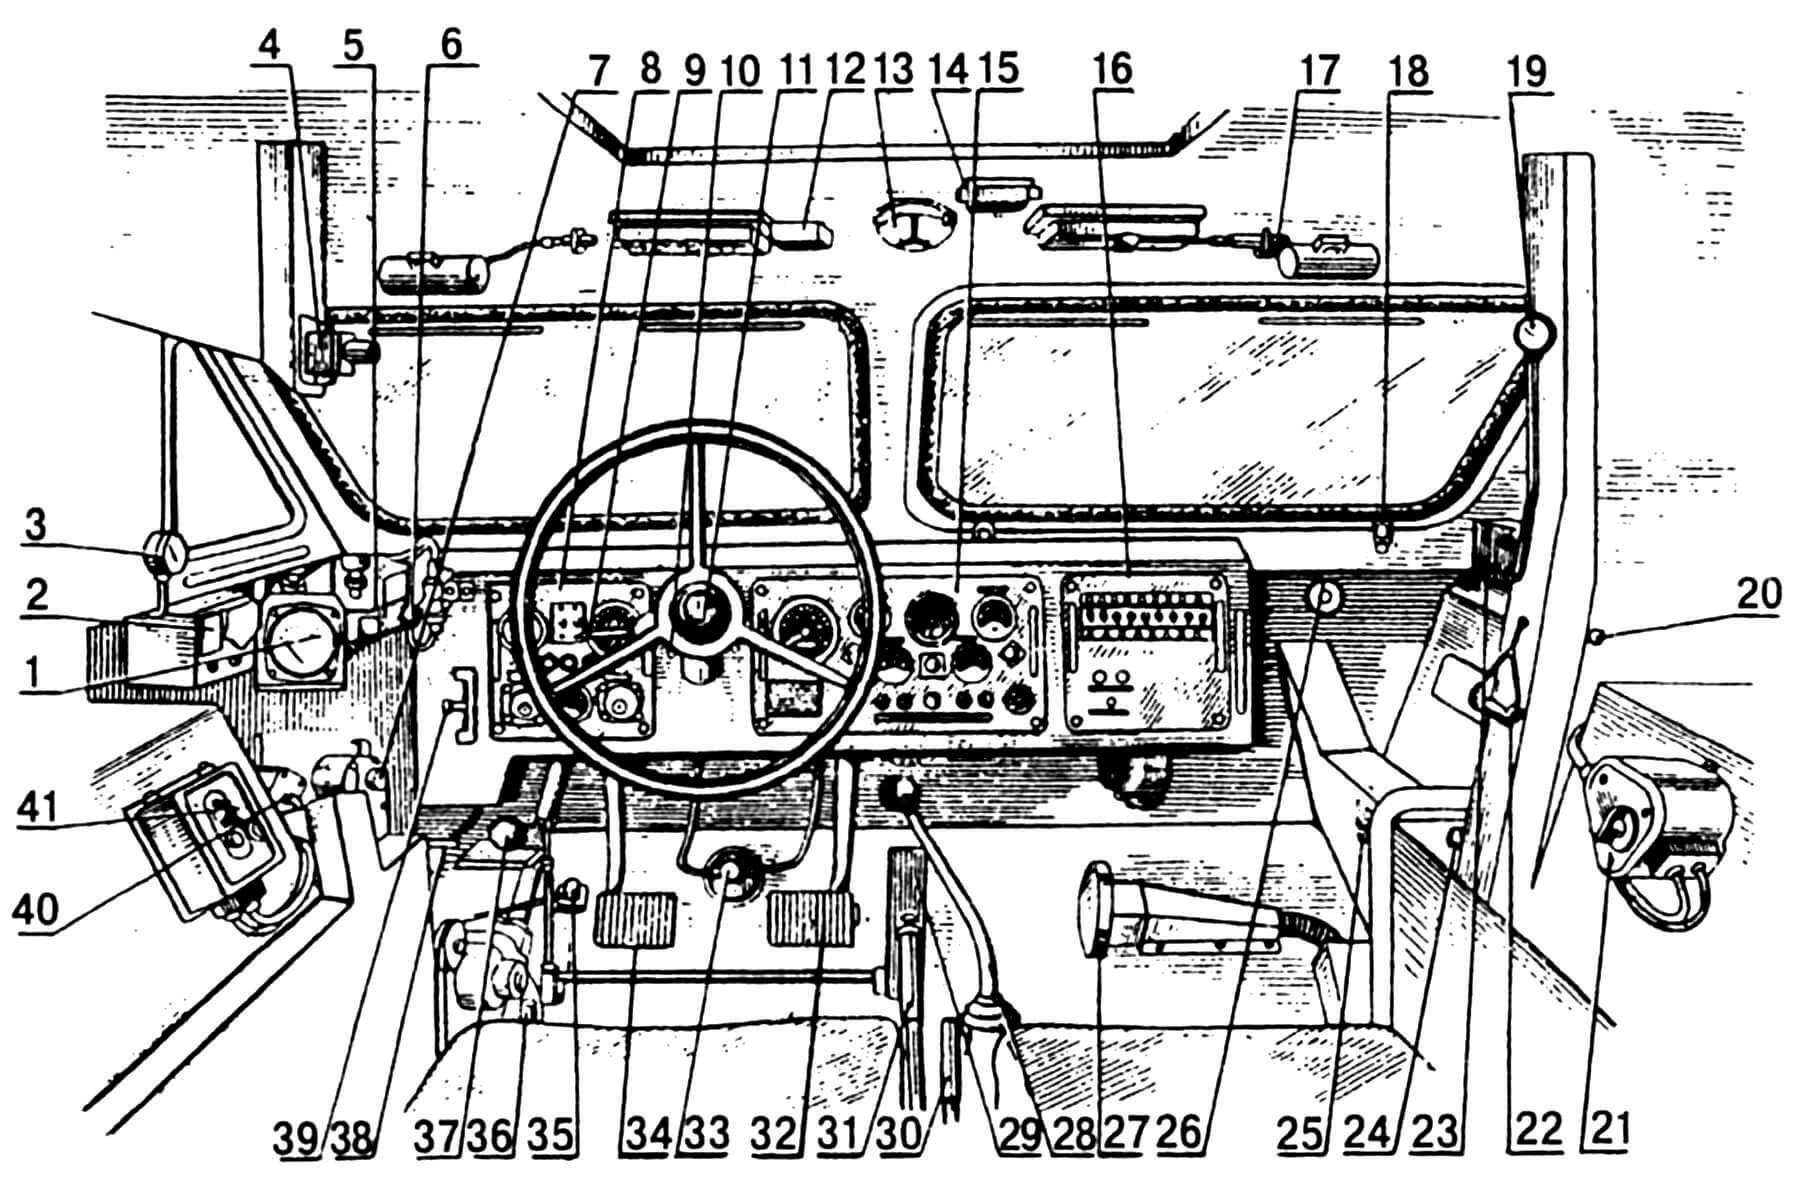 Органы управления и контроля: 1 — прибор контроля фильтровентиляционной установки, 2, 5 — приборы системы противопожарного оборудования, 3 — манометр системы воздушного запуска двигателя, 4, 21, 41 — приборы переговорного устройства, 6 — рукоятка перепускного крана системы воздушного запуска двигателя, 7 — выключатель аккумуляторных батарей, 8 — левый приборный щиток, 9 — переключатель указателя поворота, 10 — выключатель привода заслонки водометов, 11 — кнопка звукового сигнала, 12 — регулятор обогрева ветровых стекол, 13 — плафон, 14 — выключатель плафона, 15 — правый приборный щиток, 16 — дополнительный приборный щиток, 17 — кран управления стеклоочистителем, 18 — замок рамы ветрового стекла, 19 — манометр гидросистемы, 20 — фиксатор привода управления крышкой клапанной коробки, 22 — рукоятка привода управления клапанной коробки, 23 — пульт управления отопительно-вентиляционной установкой (ОВУ), 24 — розетка внешнего запуска, 25 — топливный кран ОВУ, 26 — клапан-ограничитель давления, 27 — кран управления раздаточной коробкой, 28 — рычаг переключения передач, 29 — педаль газа, 30 — рукоятка ручного гидронасоса, 31 — рычаг стояночного тормоза, 32 — педаль тормоза, 33 — педаль омывателей ветрового стекла, 34 — педаль сцепления, 35 — ножной переключатель света, 36 — кнопка звукового воздушного сигнала, 37 — рычаг ручного управления топливным насосом, 38 — кран включения отбора мощности, 39 — рычаг управления давлением в системе накачки шин, 40 — кран управления водометами.